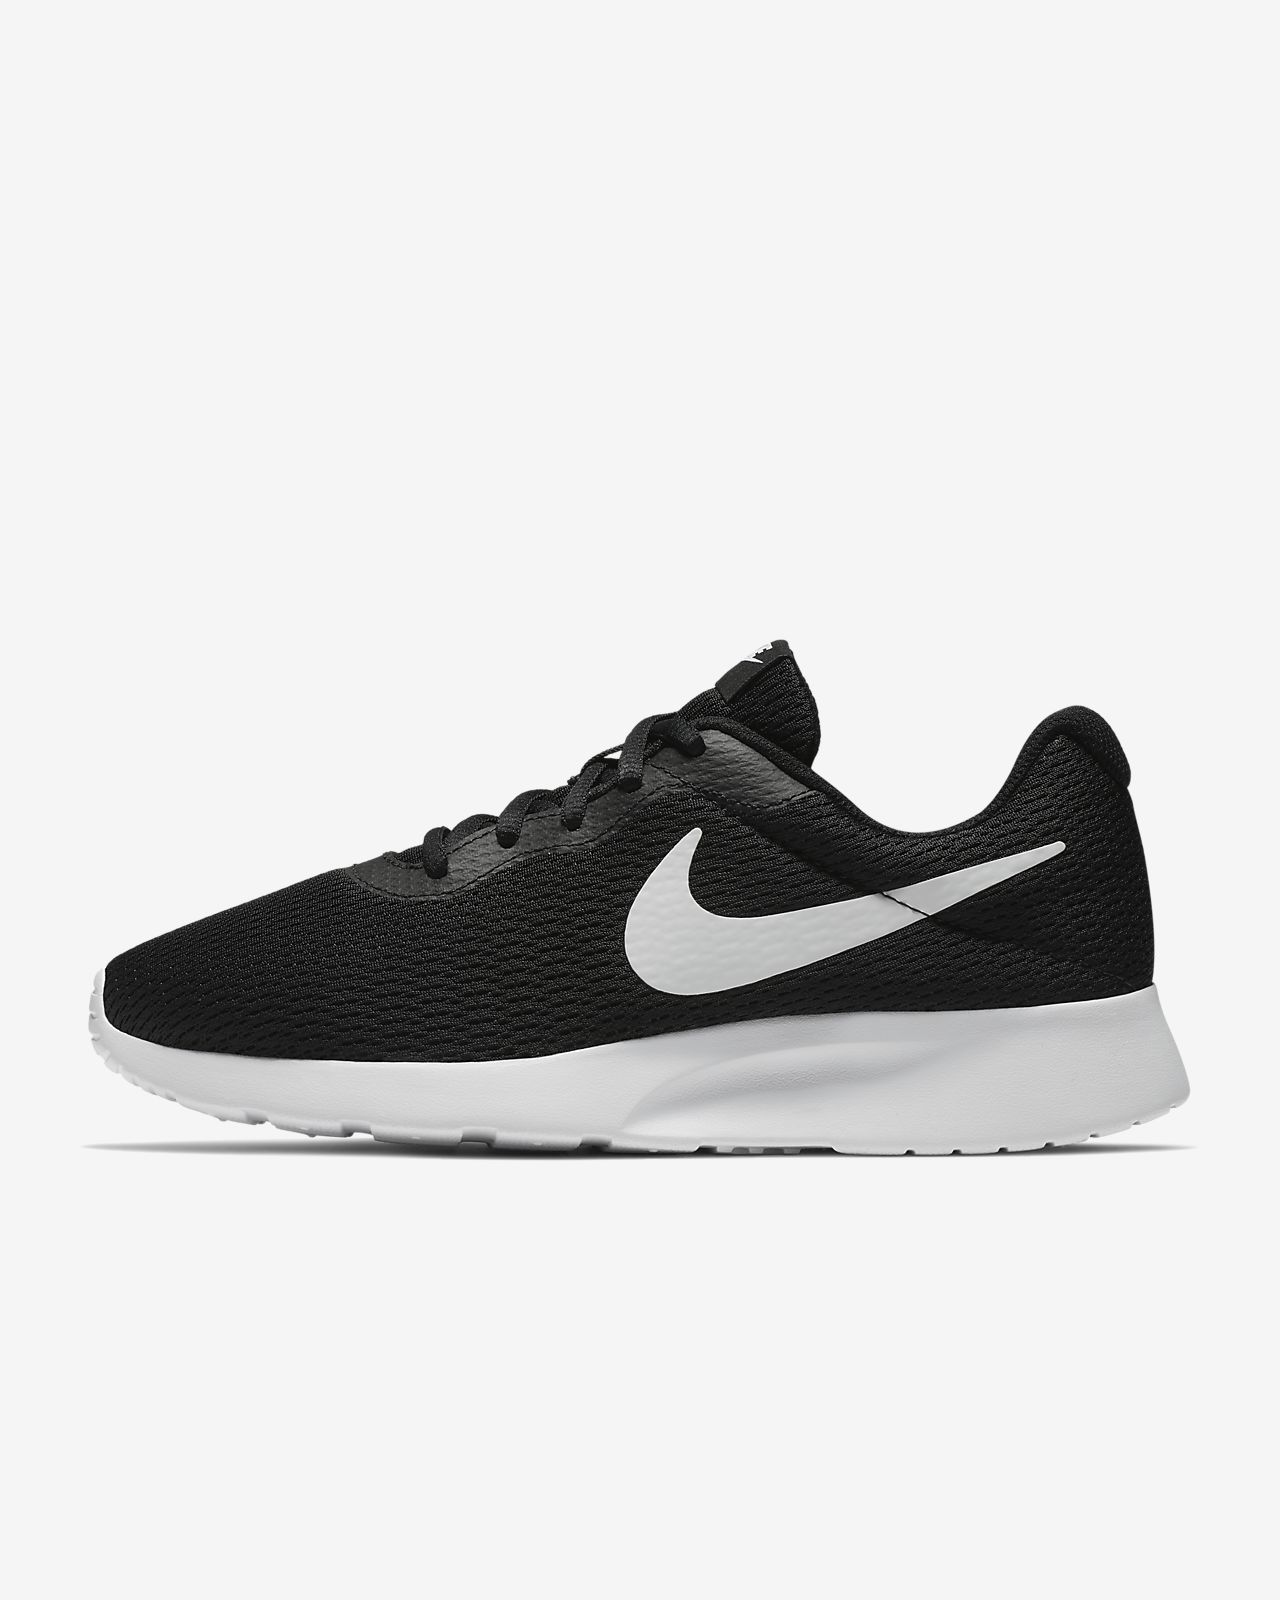 Nike tanjun, Nike, Women shoes